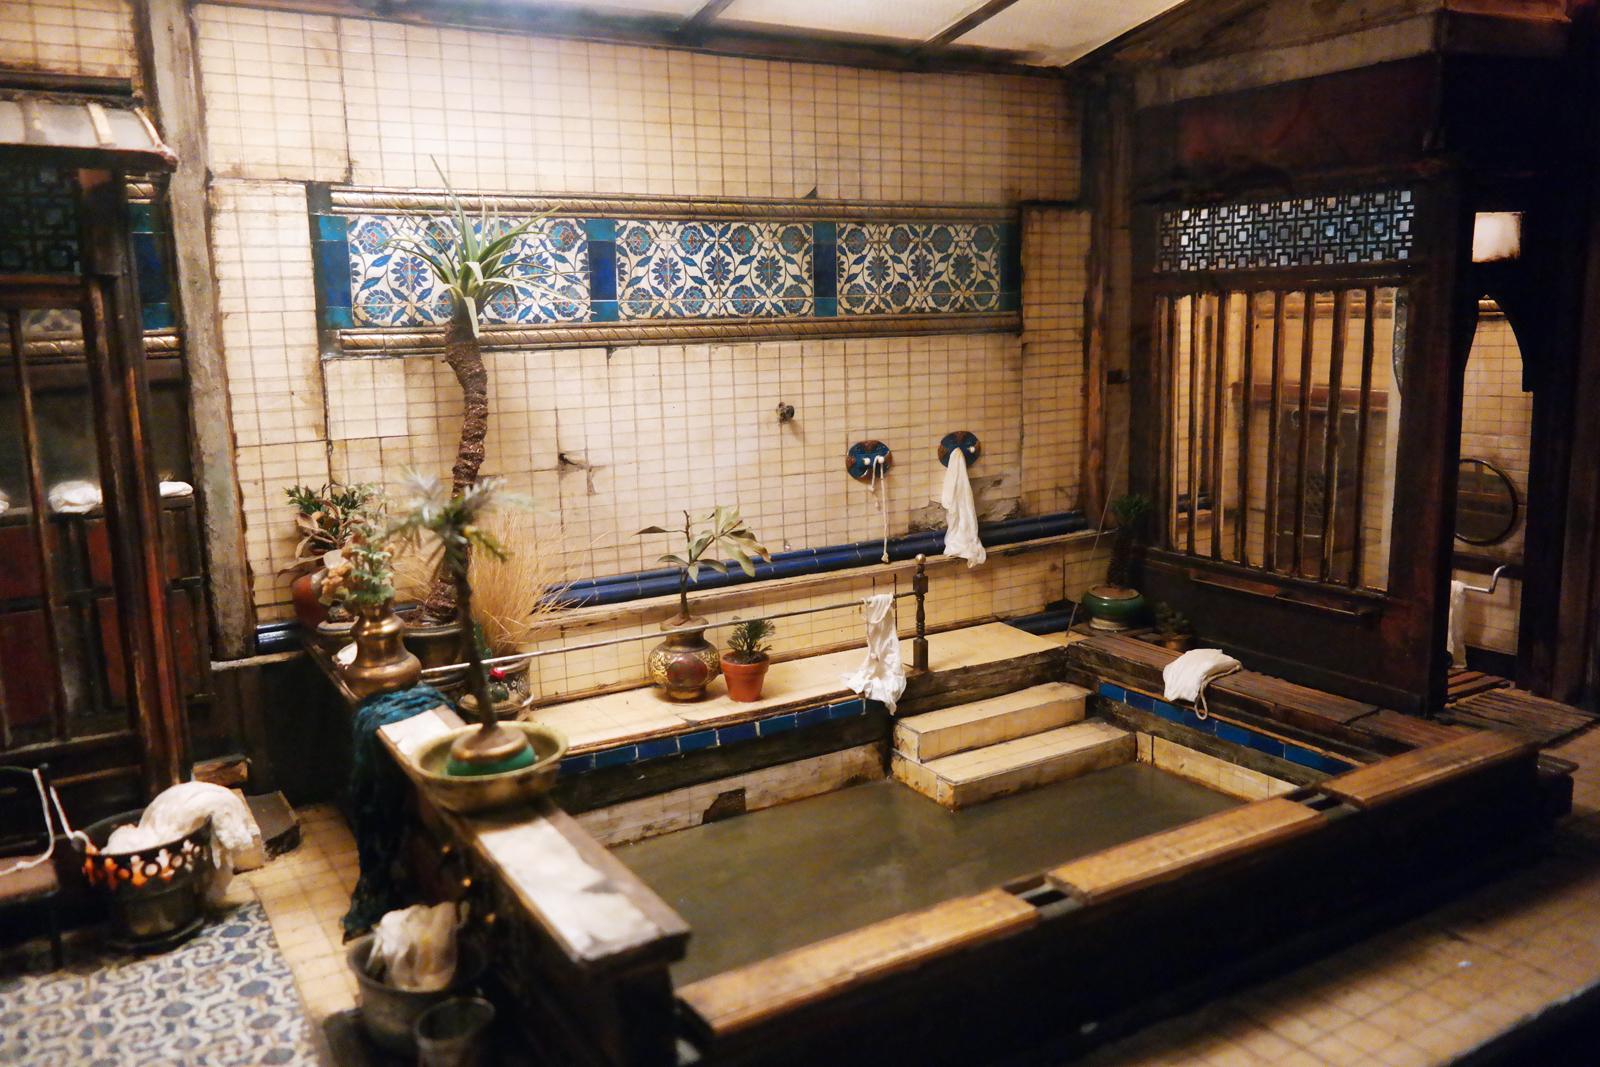 Les bains de Mirande, 2006, Ronan-Jim Sevellec